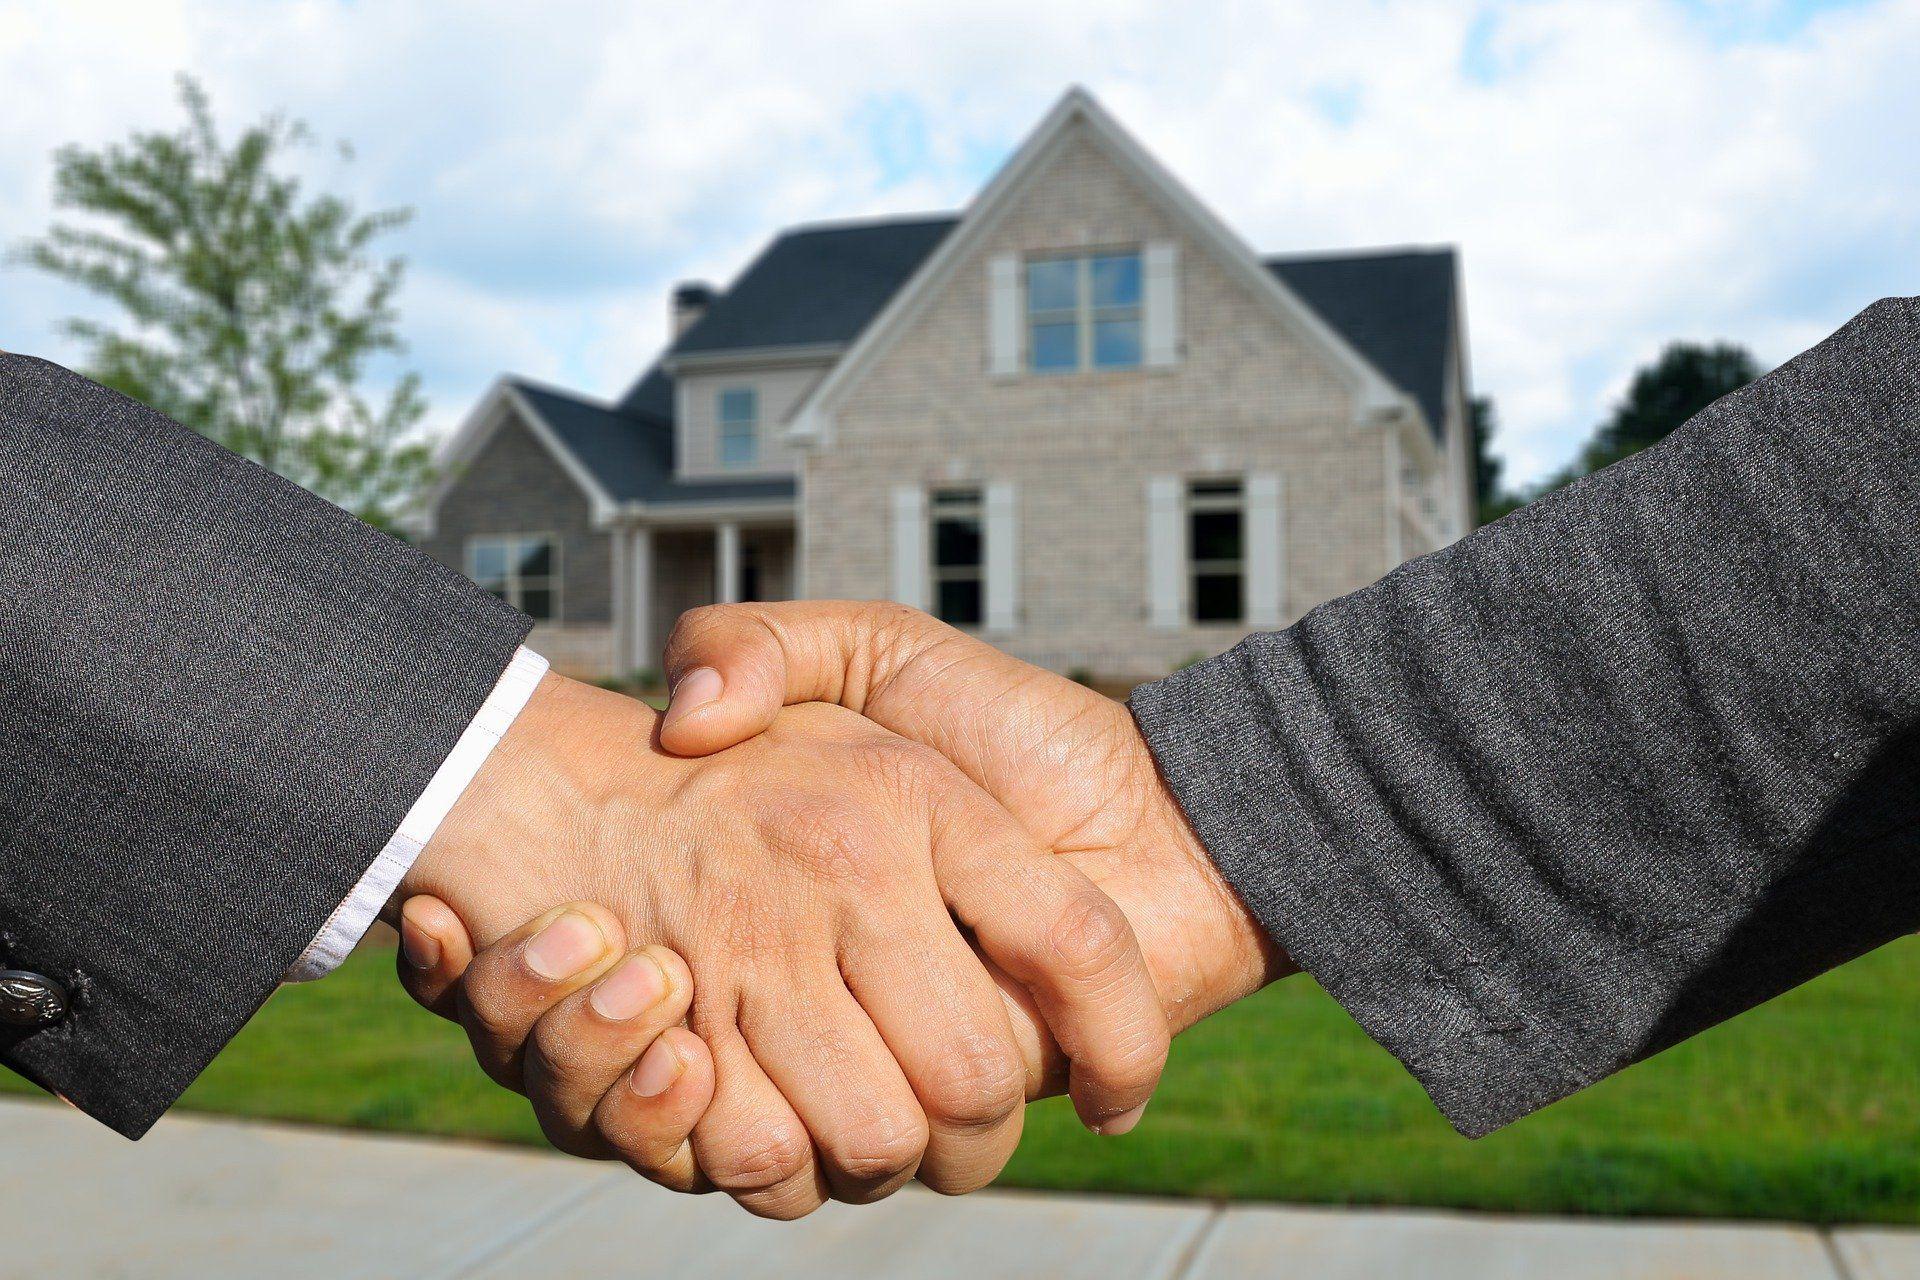 prodej bytu domu praha